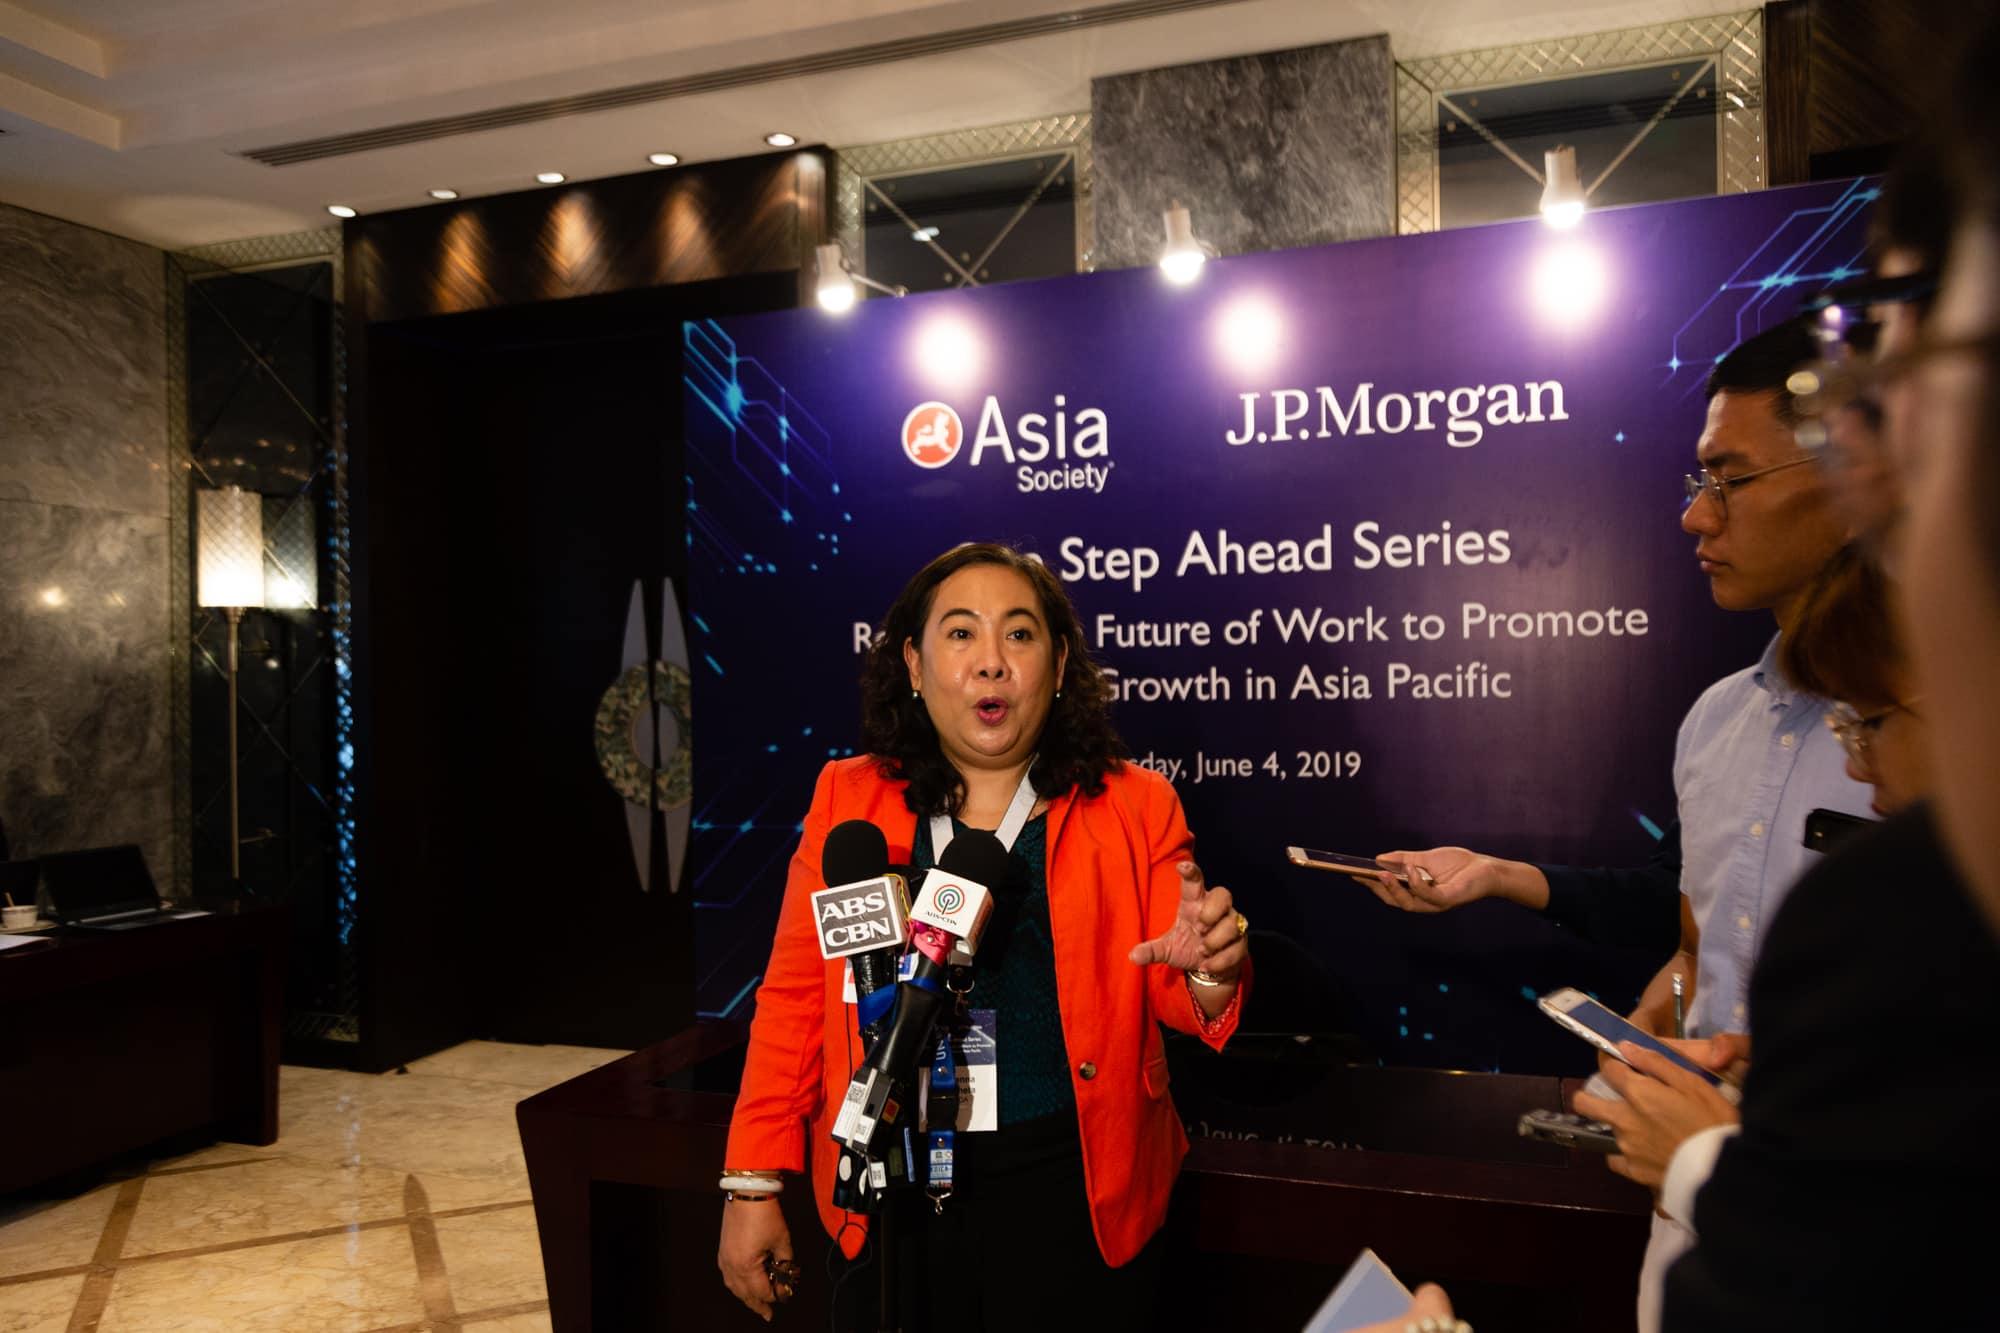 One Step Ahead JP Morgan Asia Society Evident 010 - Evident PH